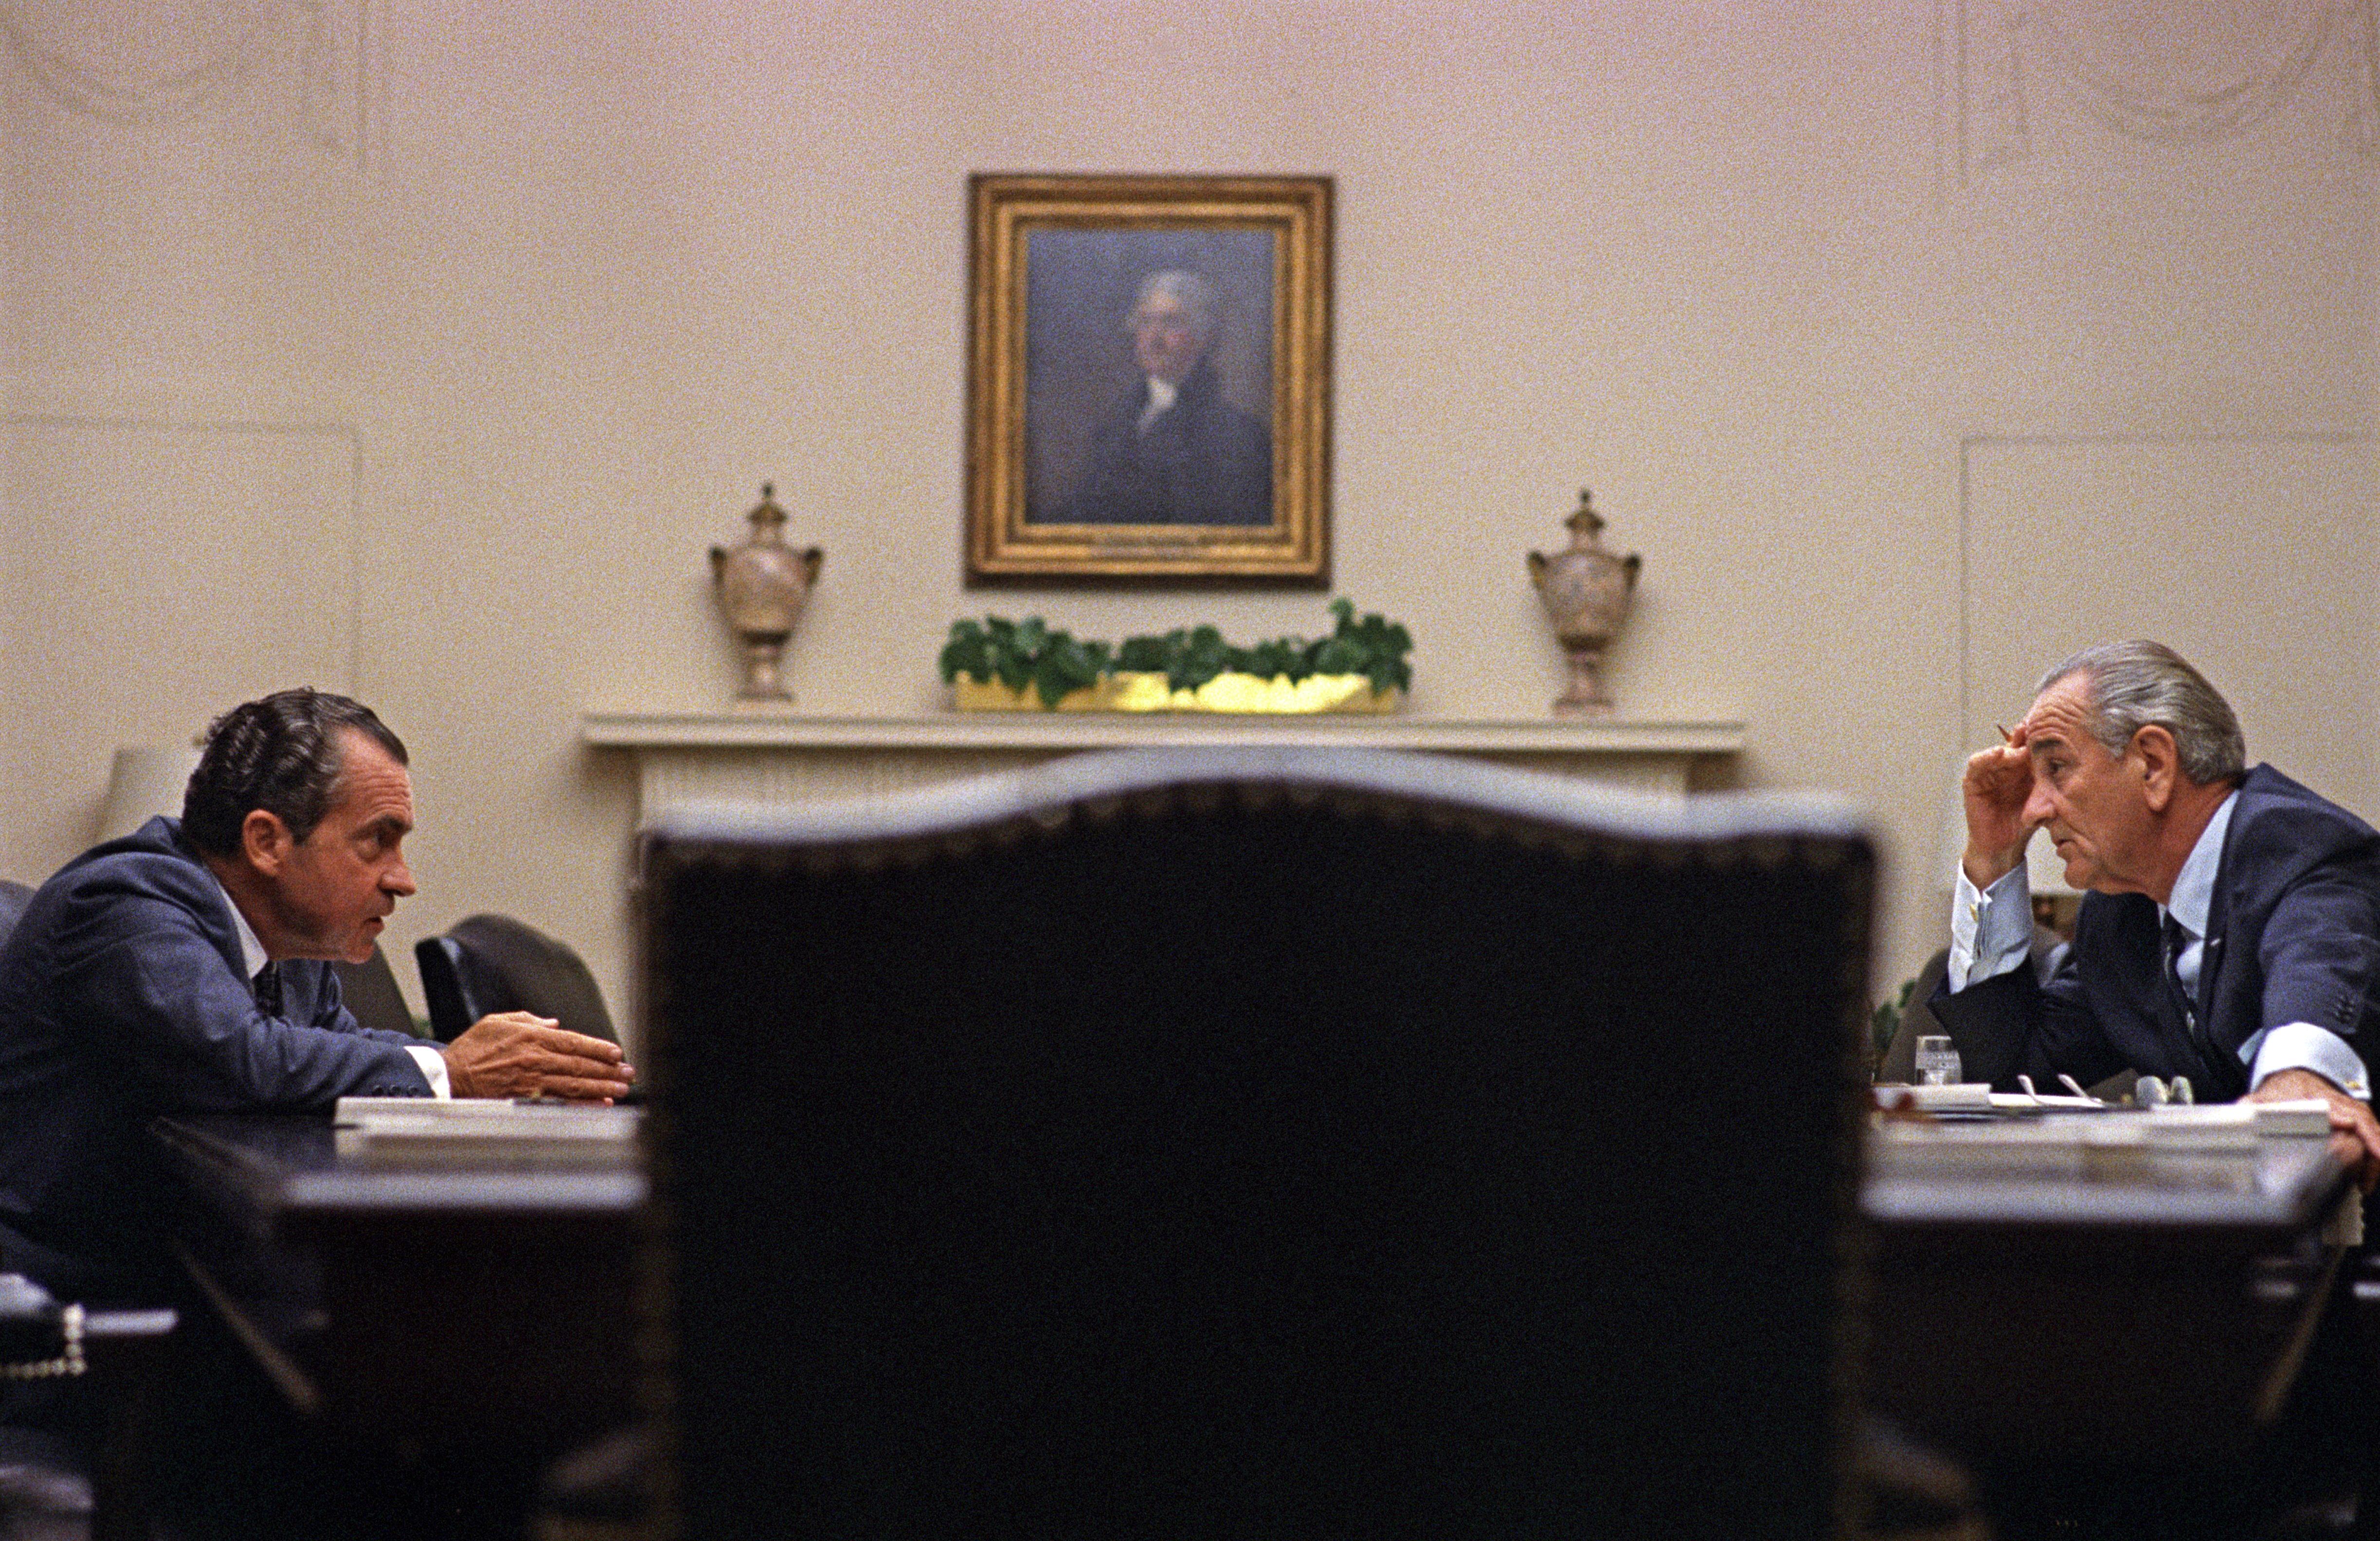 1968年7月,尼克森(左)獲得提名前與時任總統詹森(右,Lyndon Johnson)在白宮會面。(WikiCommons)